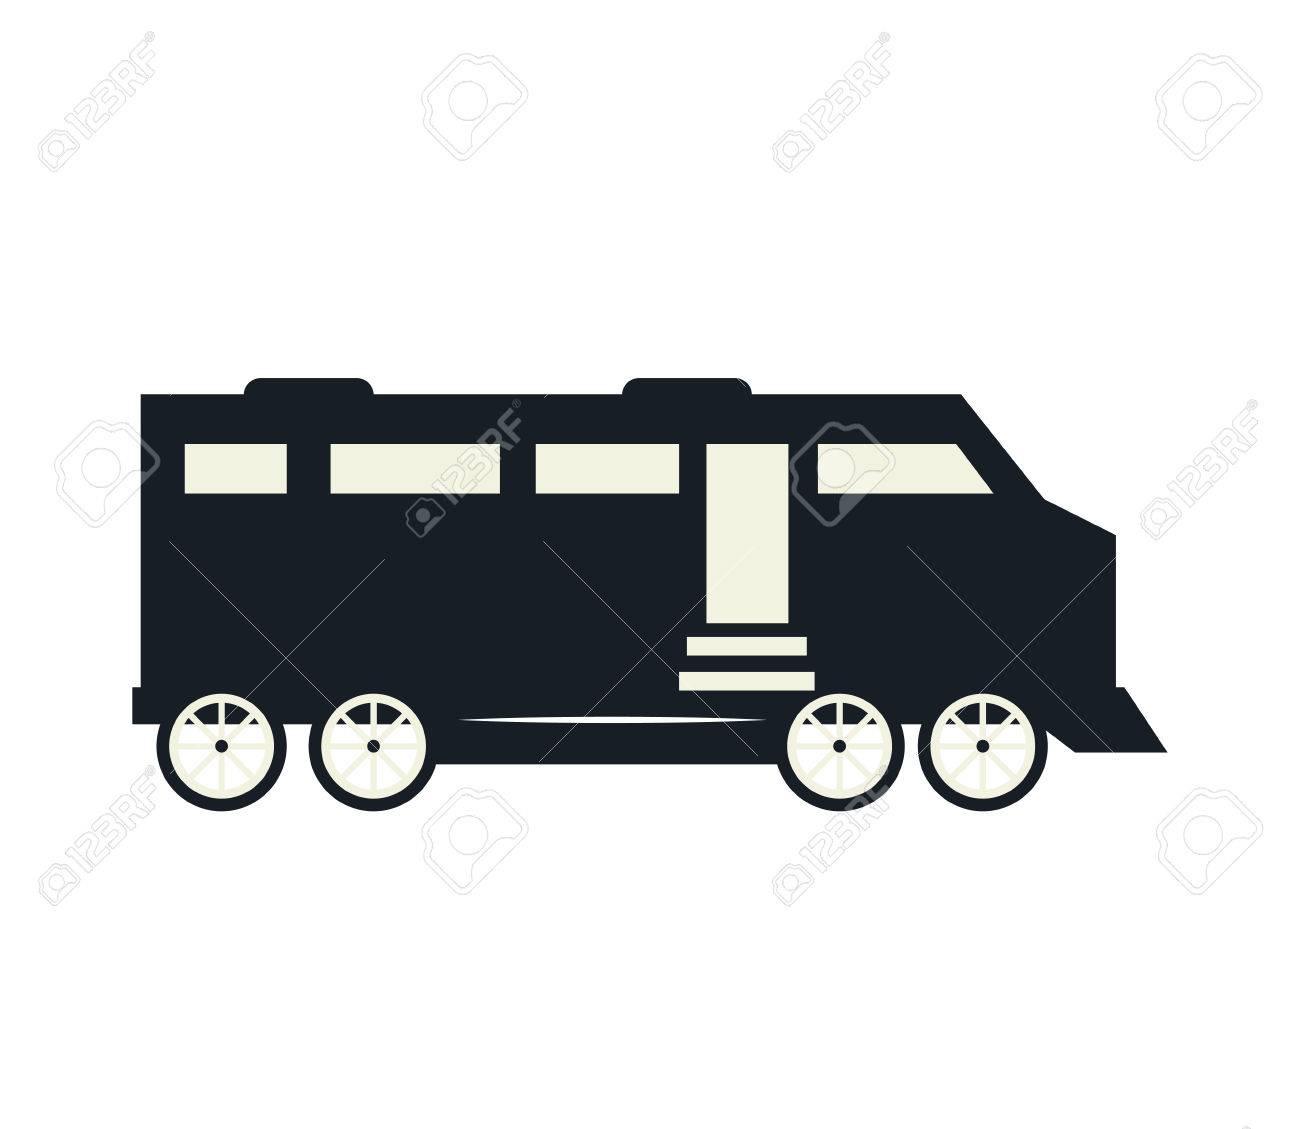 古い鉄道レール輸送車シルエット ベクトル イラストのイラスト素材